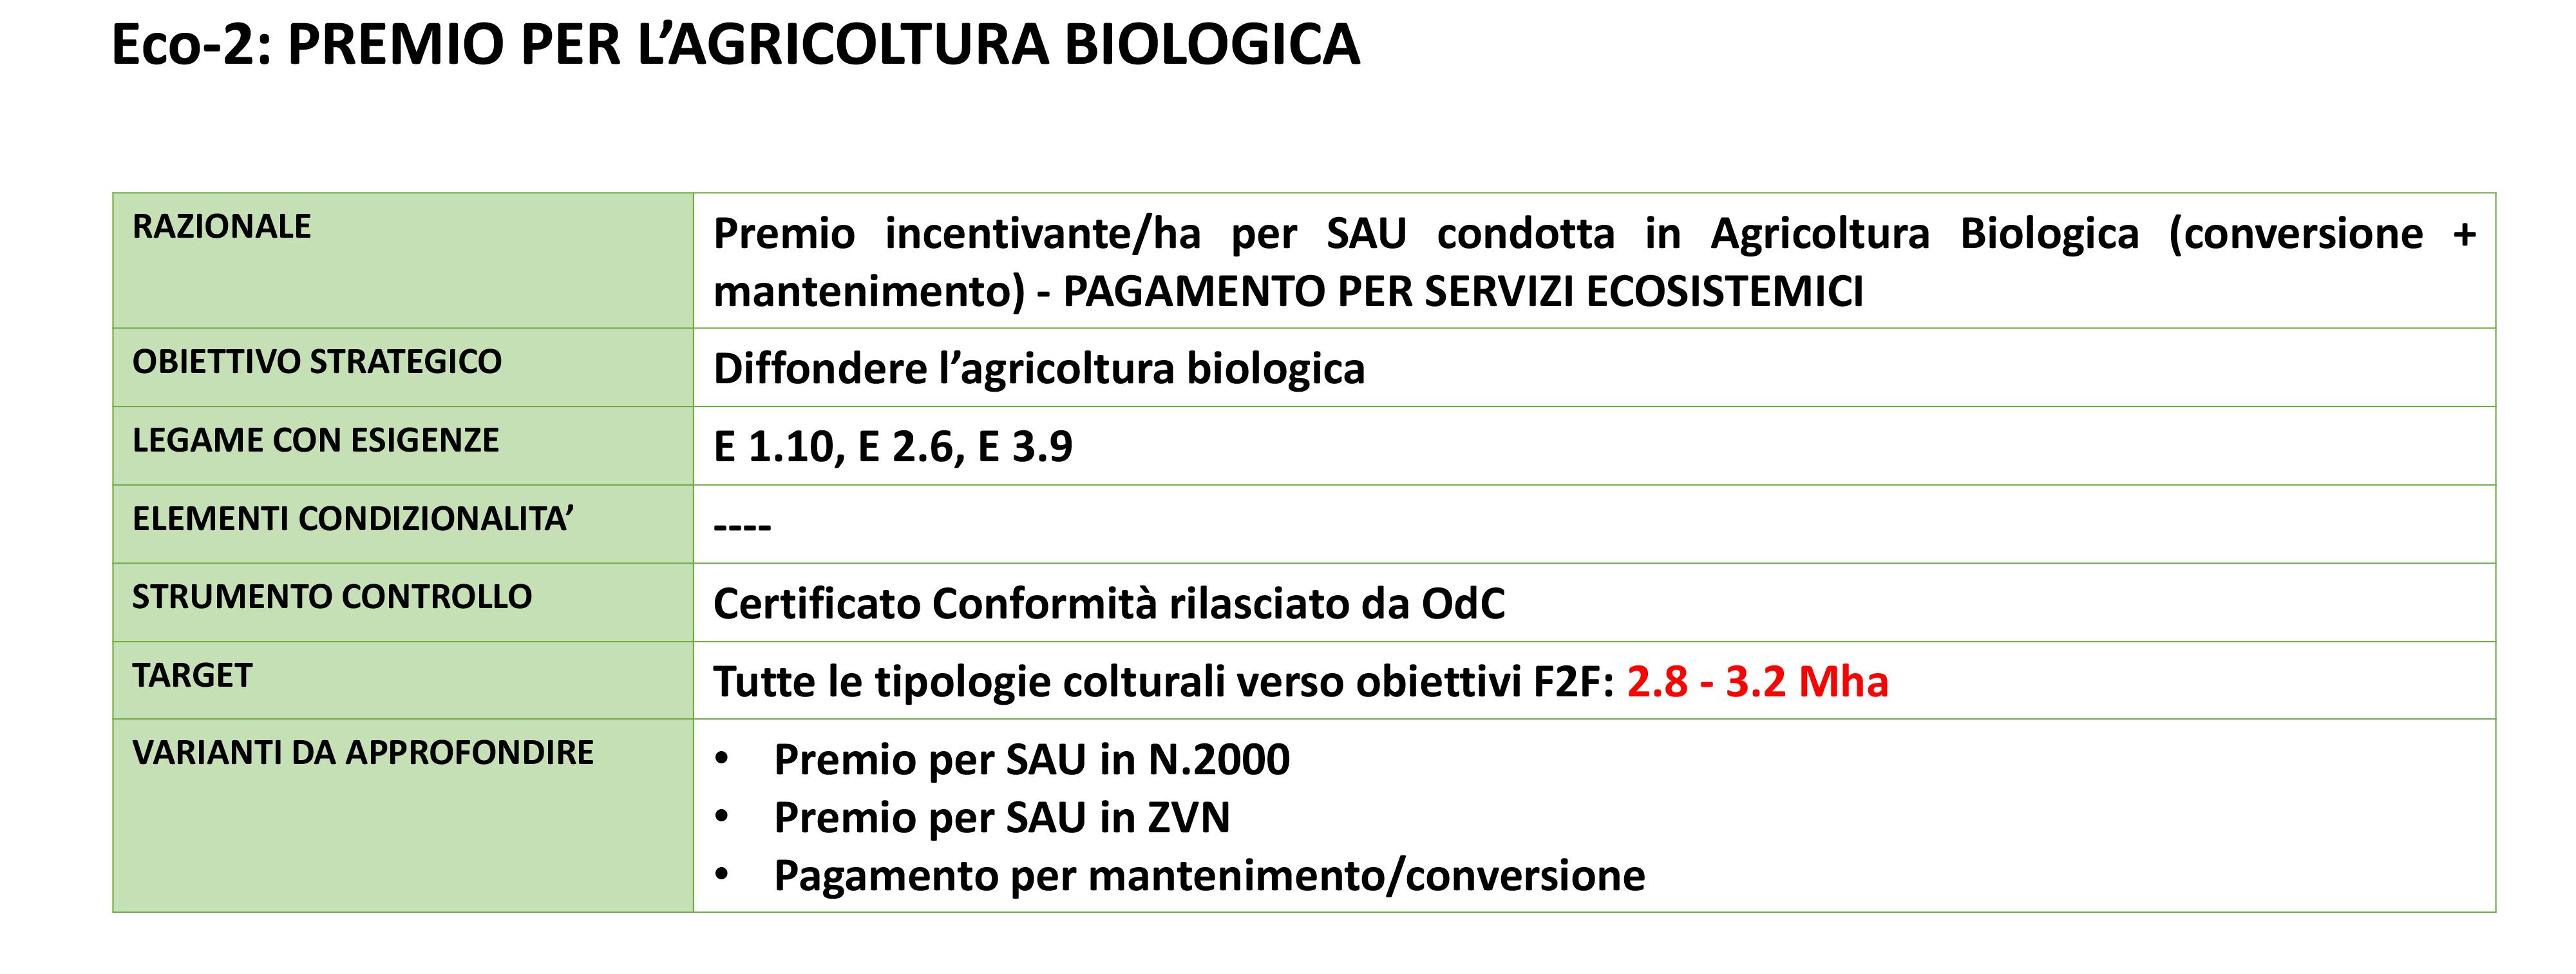 grafico eco-schema2